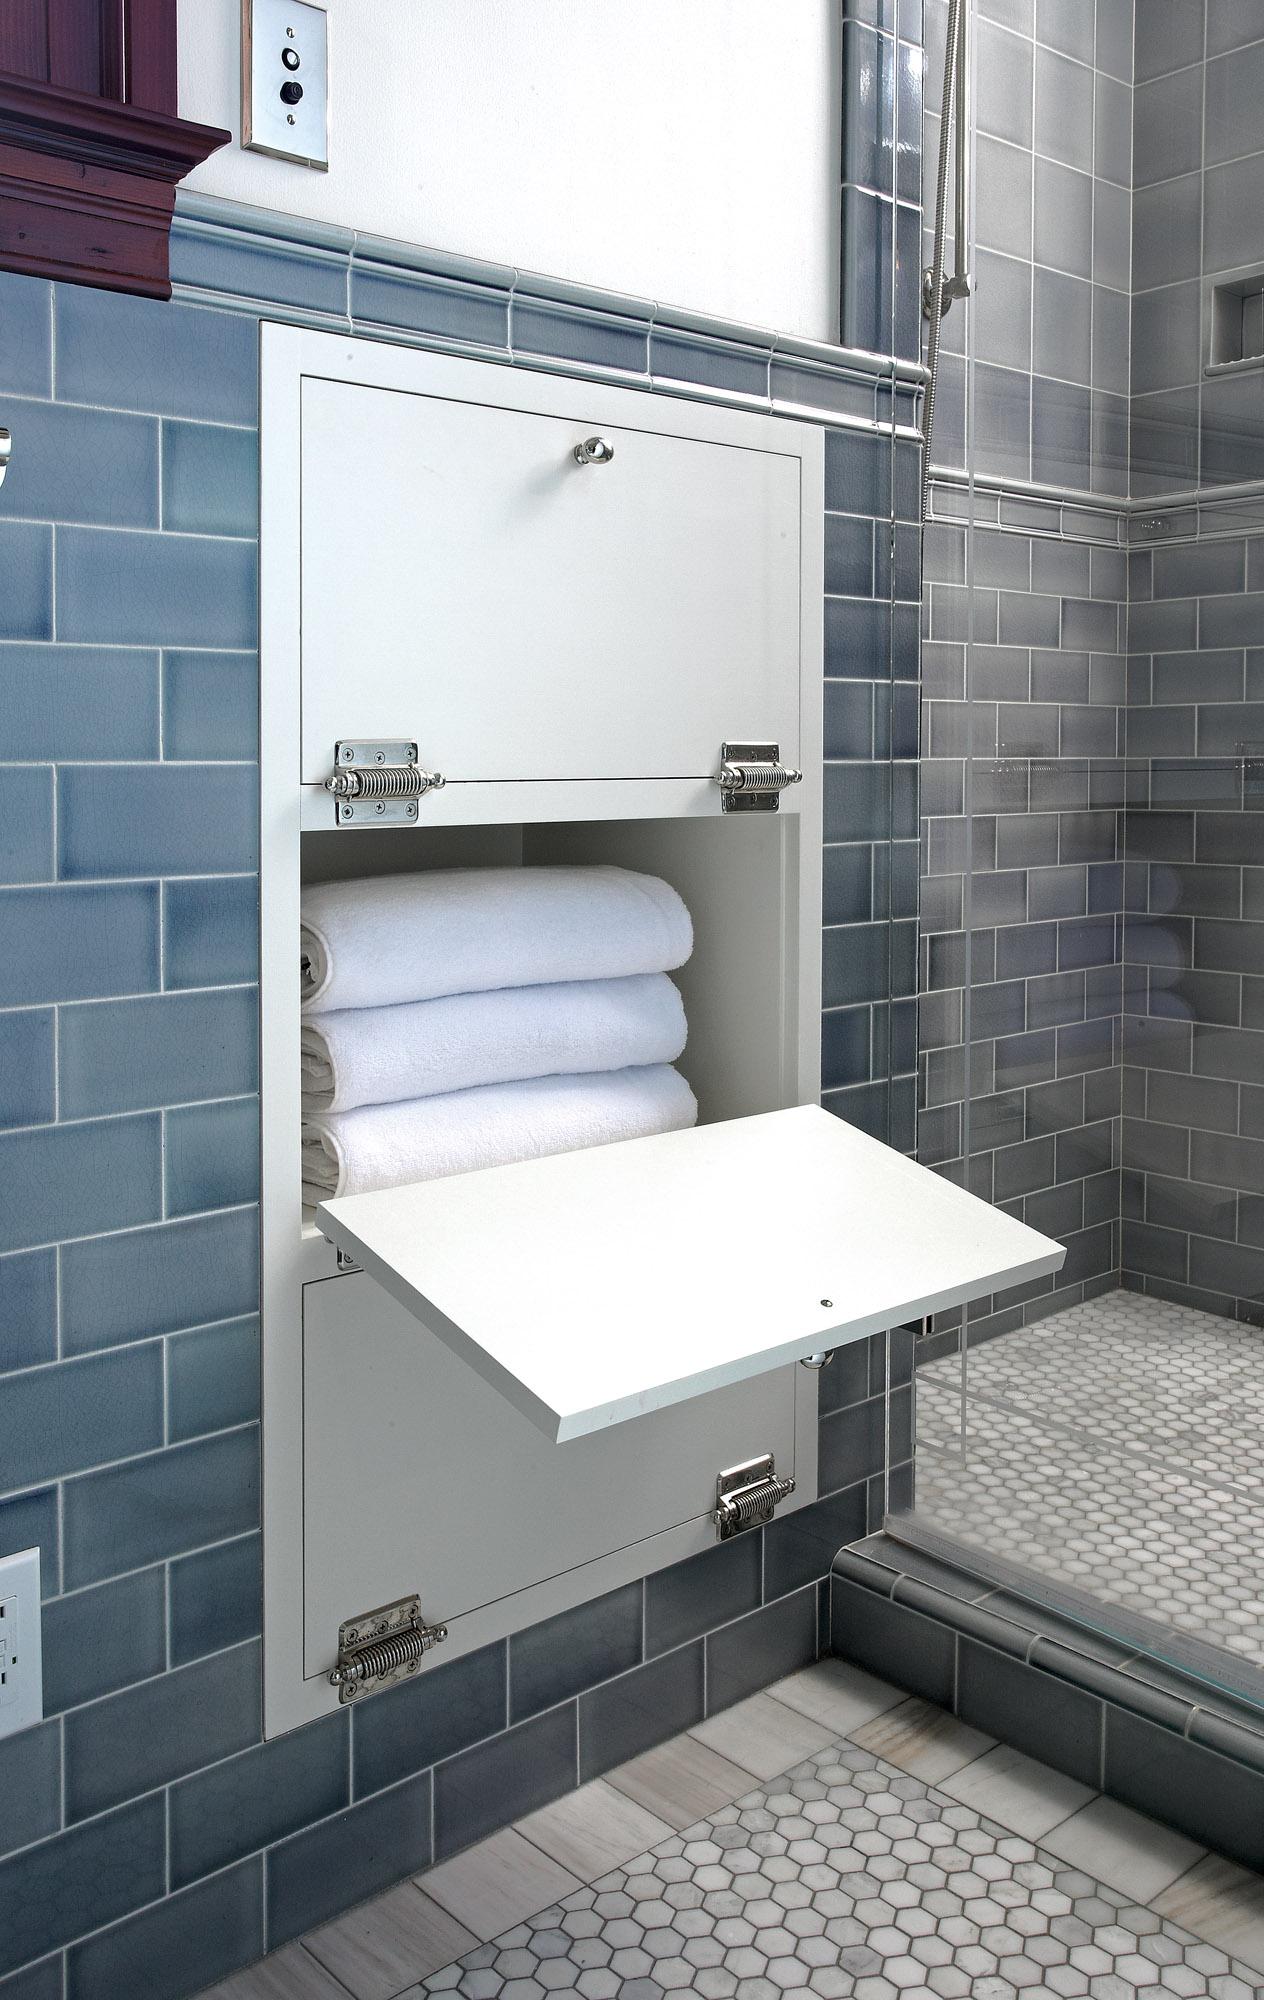 built-in towel nook